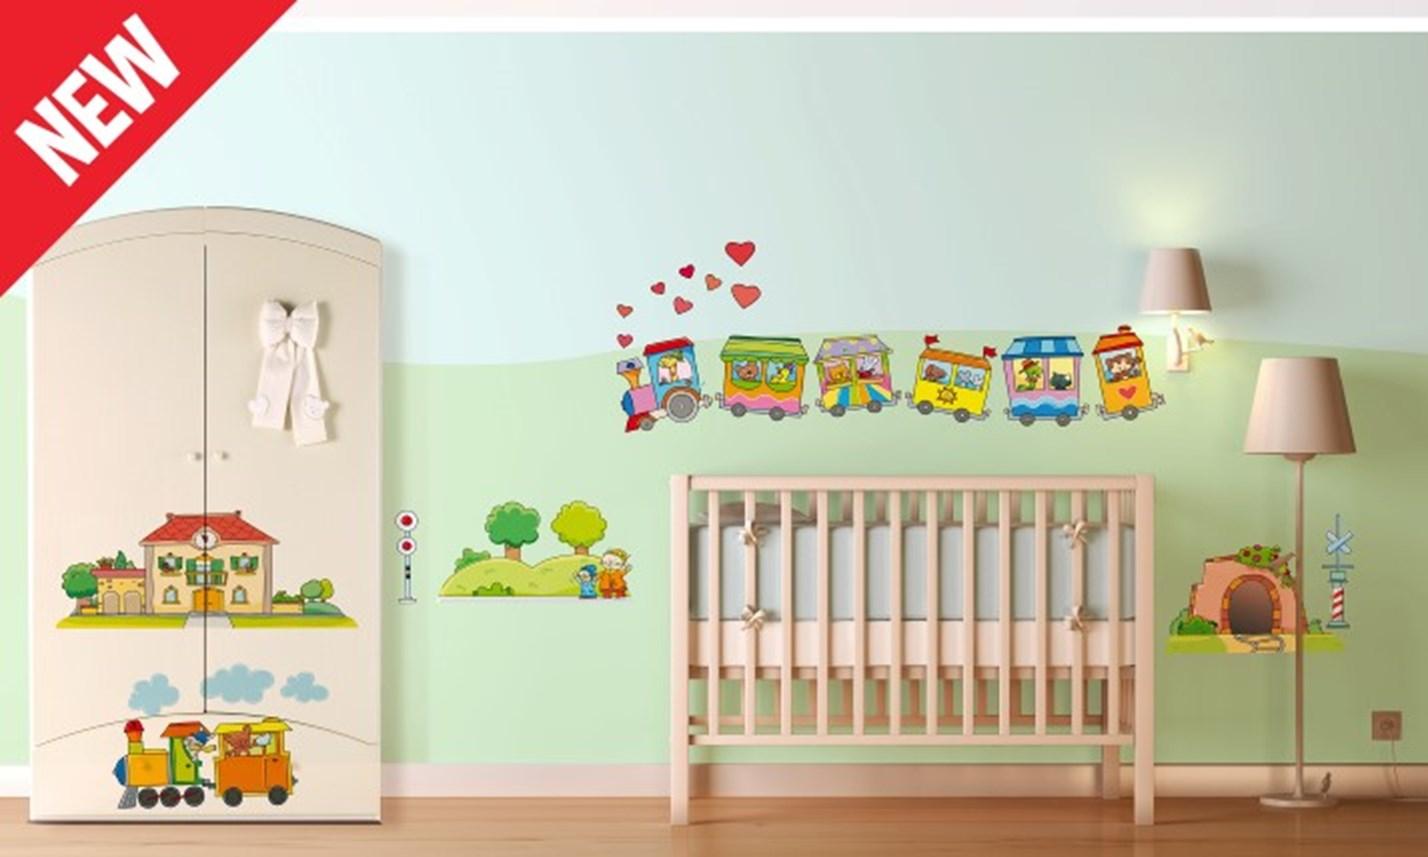 Camere Da Sogno Per Bambini : Camerette bellissime: 30 foto di camerette da sogno per bambini